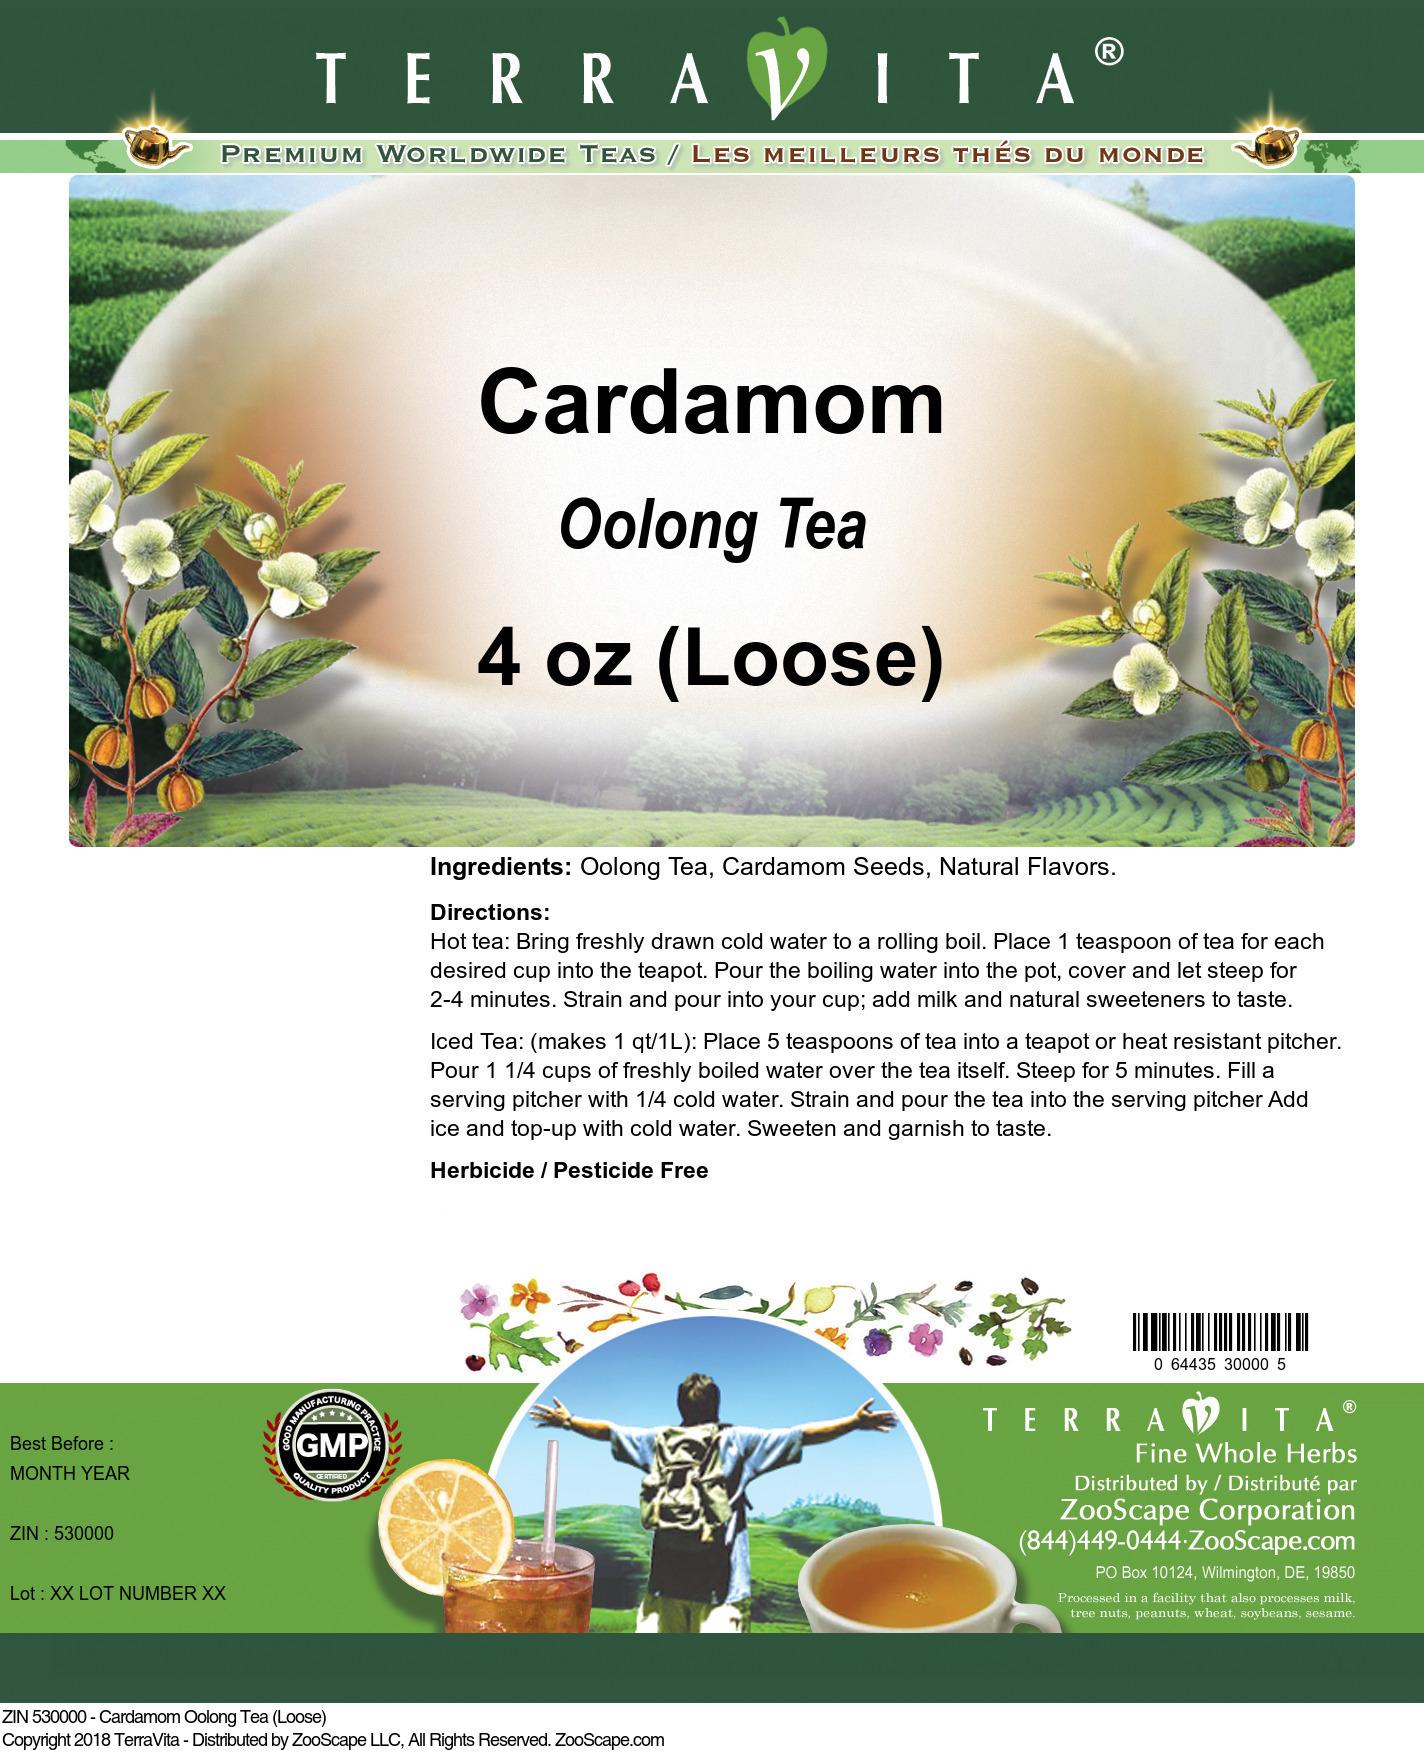 Cardamom Oolong Tea (Loose)